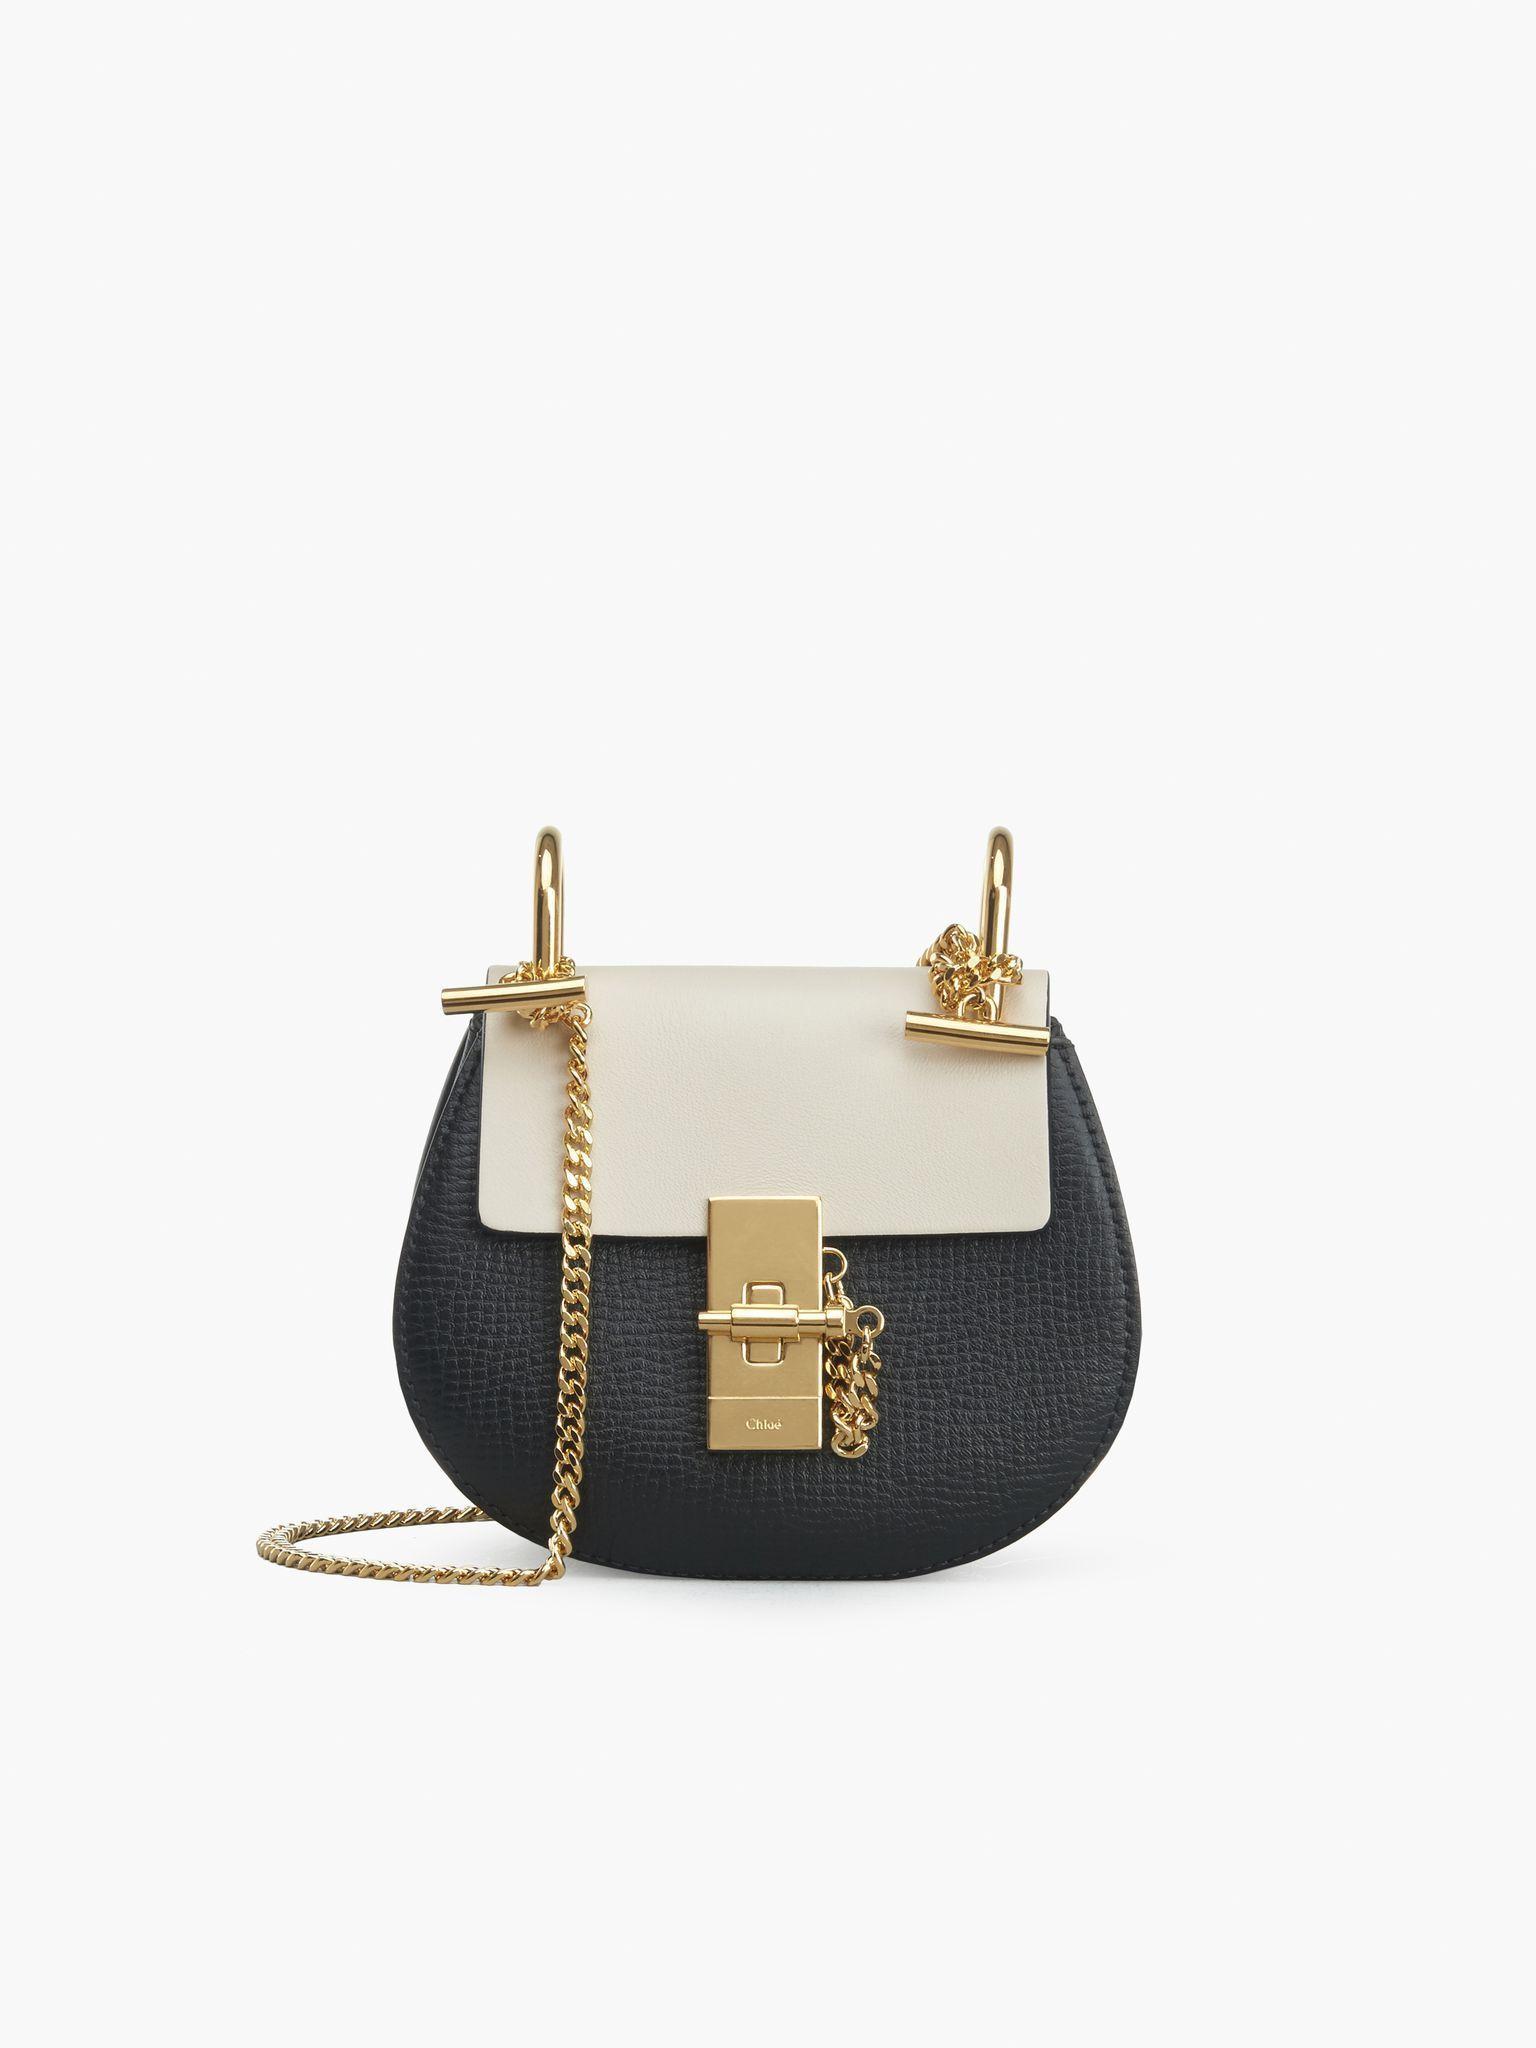 99d07941b75e Chloe Shoulder Bags 2WAY Chain Plain Leather Elegant Style Shoulder Bags 2